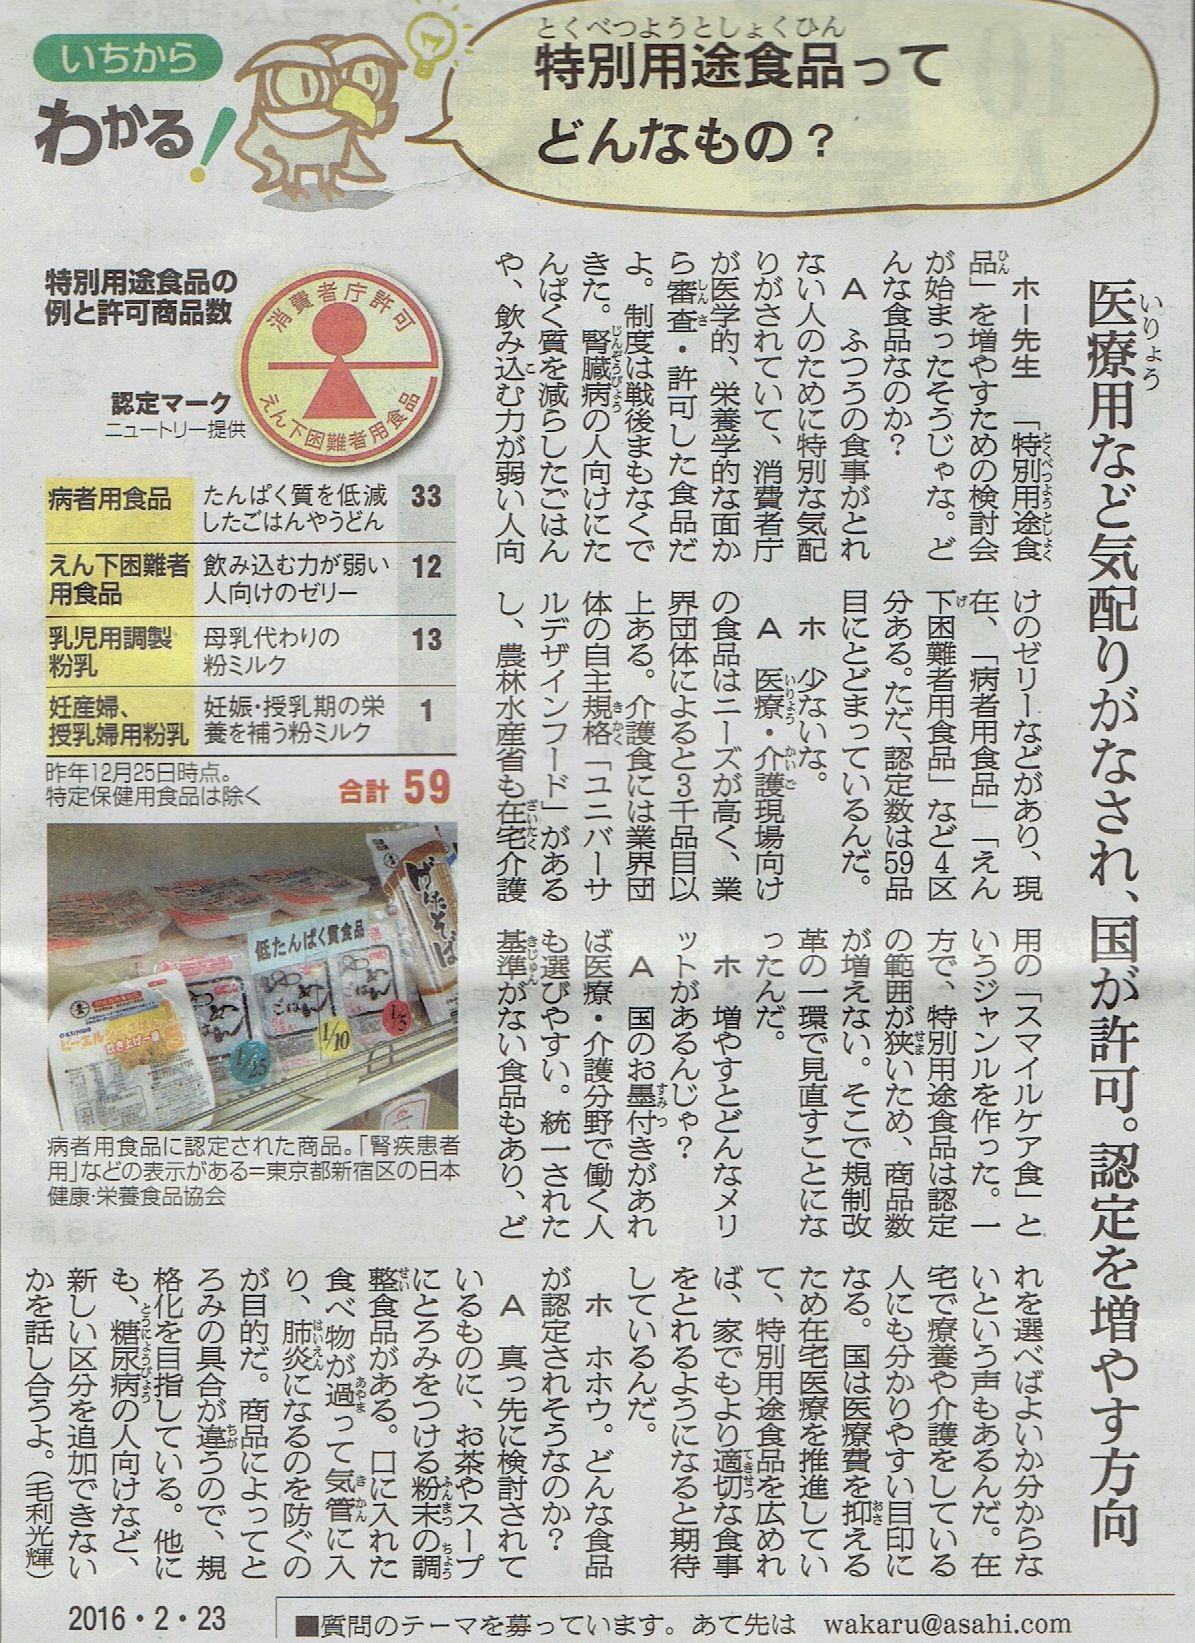 2016年2月23日 2016年茨城沖縄県人会第20回定期総会・新年会 その12_d0249595_7152445.jpg